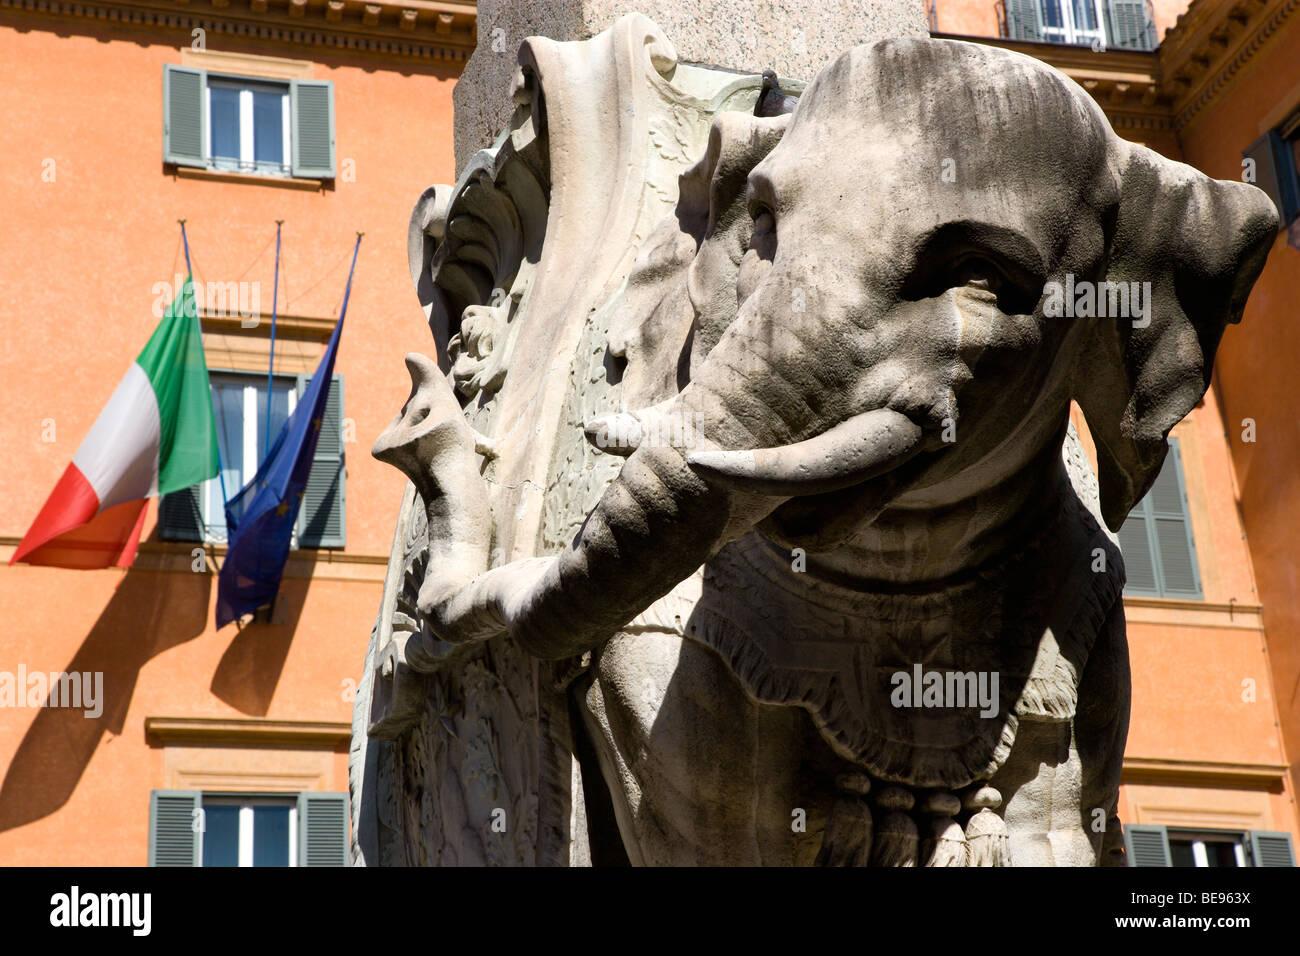 ITALY Rome Lazio Bernini's marble elephant in the Obelisk of Santa Maria Sopra Minerva in the Piazza della Minerva Stock Photo